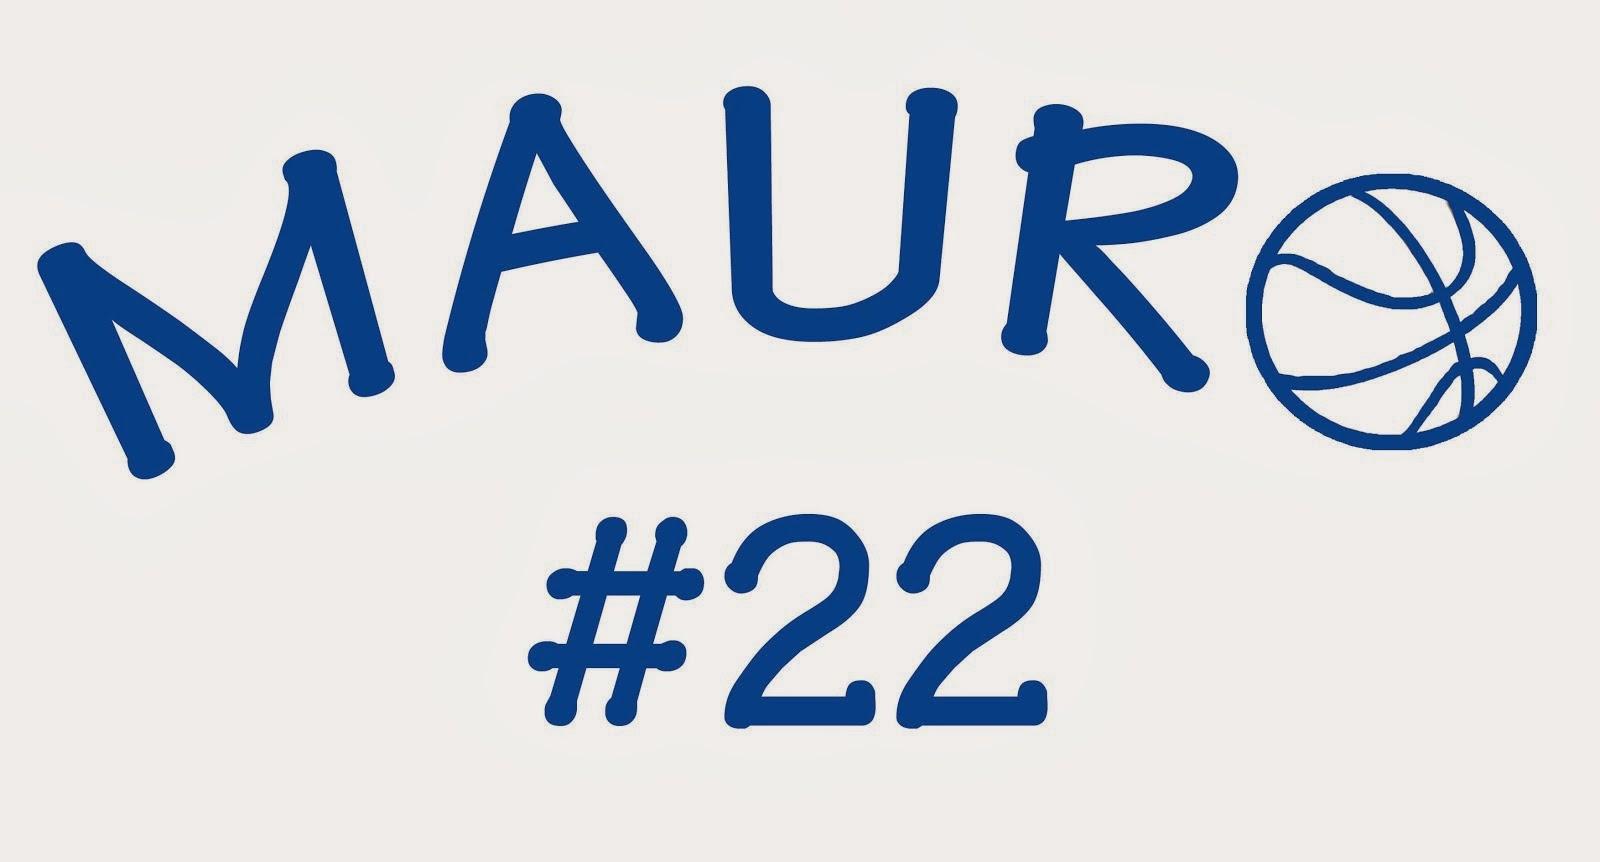 Memorial Mauro #22